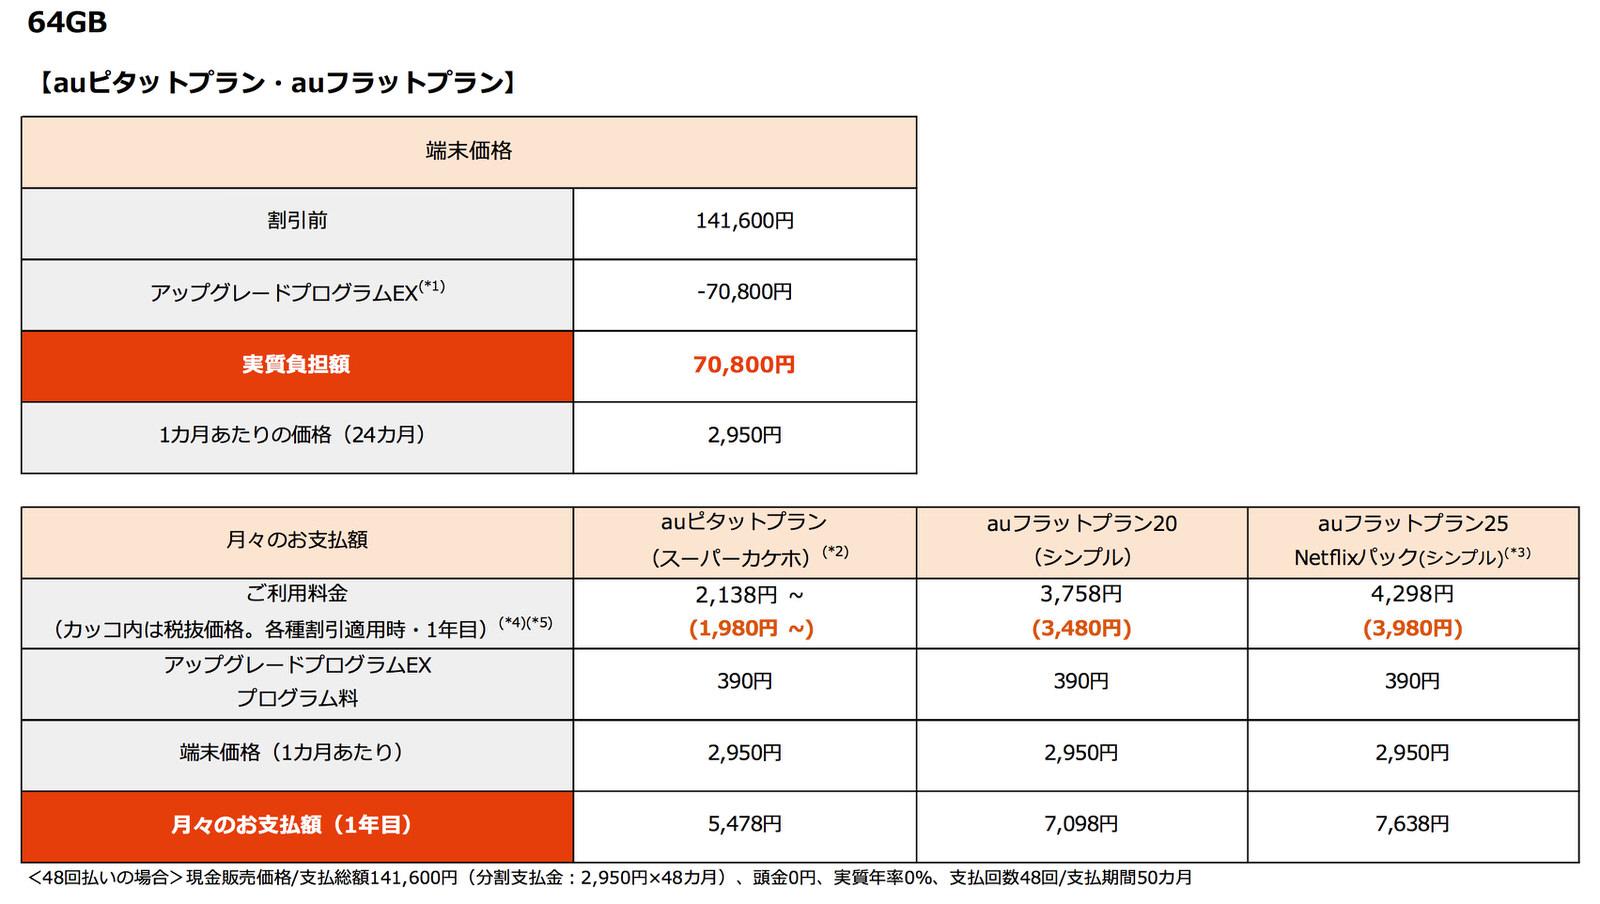 iphone-xs-max-64-1-1